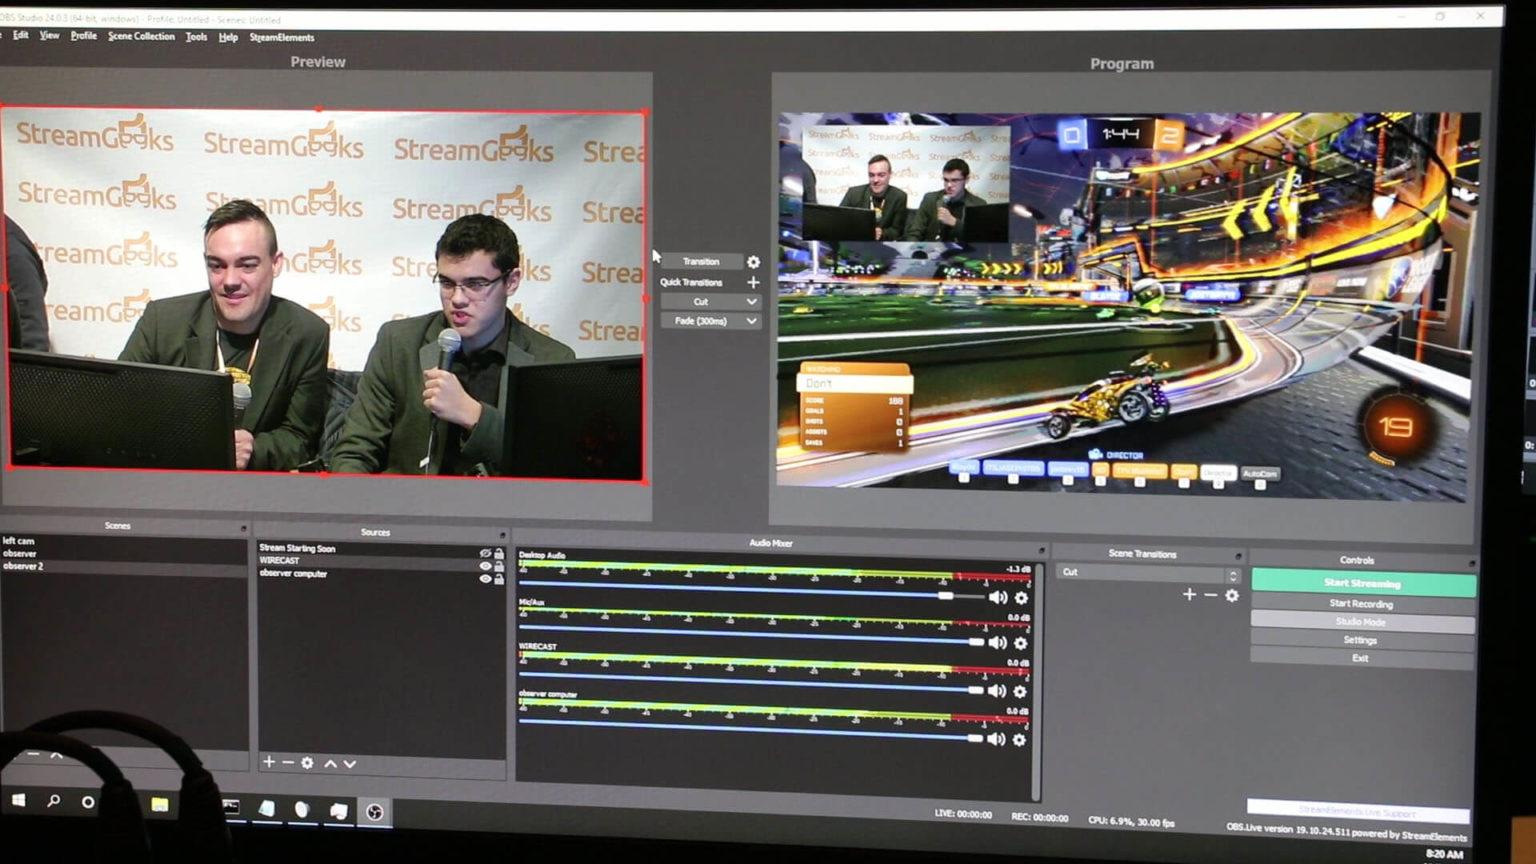 OBS LIVE STREAM with PTZ Cameras